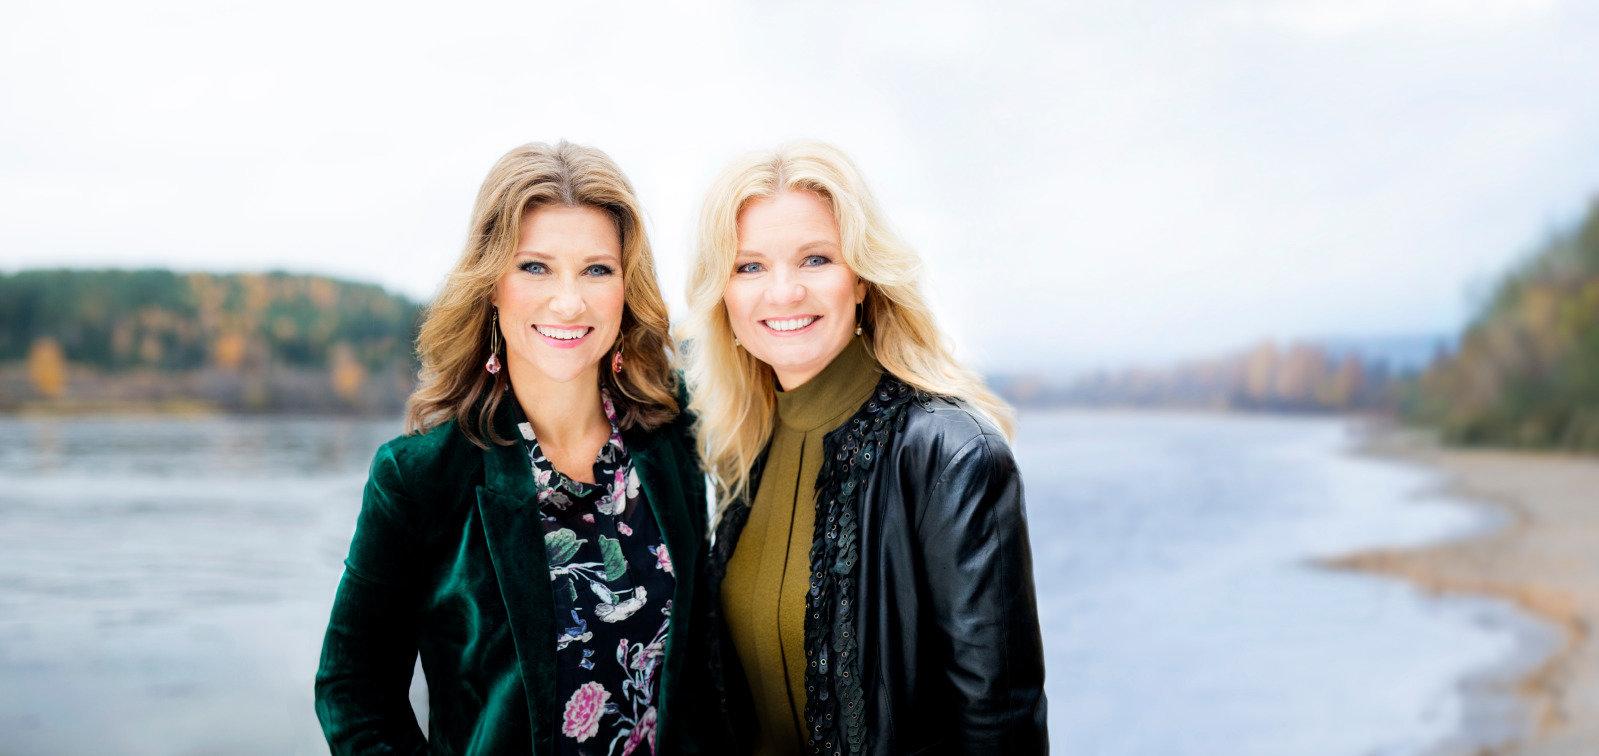 Ny bok vill normalisera sensitivitet - Prinsessan Märtha Louise av Norge och Elisabeth Nordeng berättar om sina liv